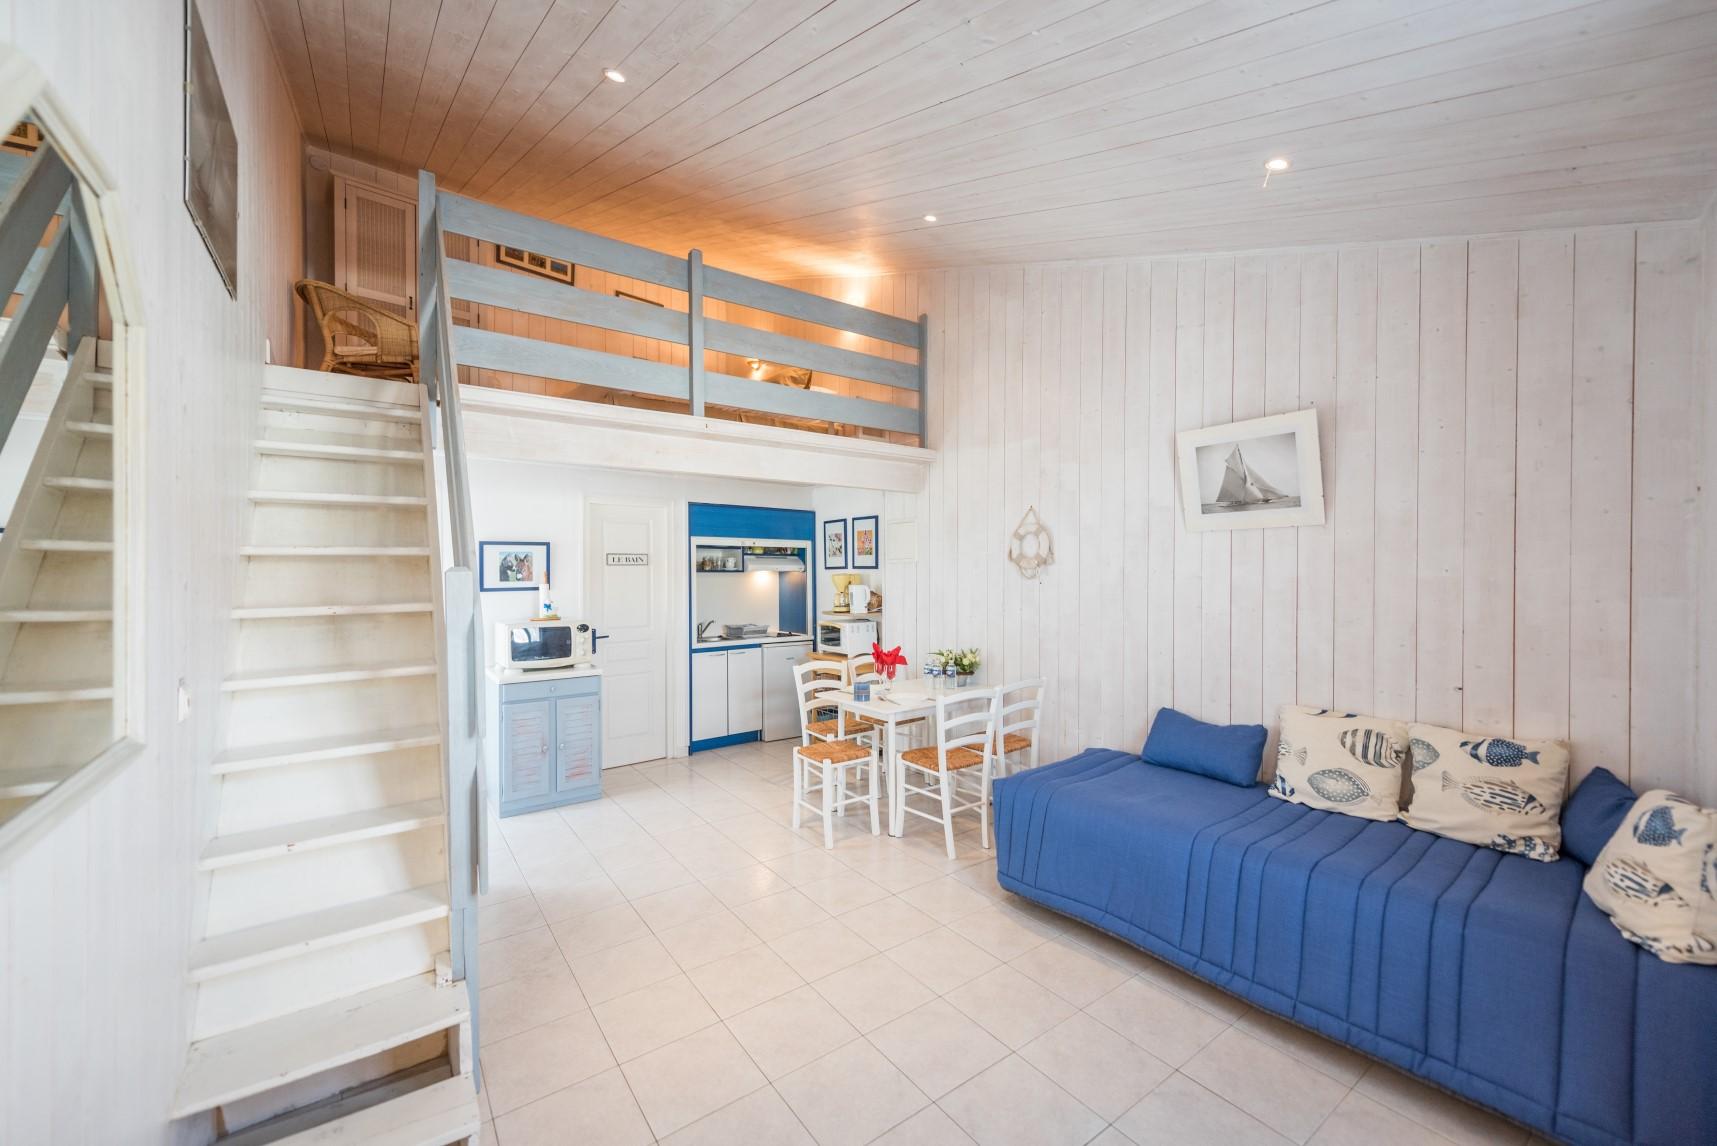 Studio de l'Hôtel Le peu Breton sur l'île de Ré